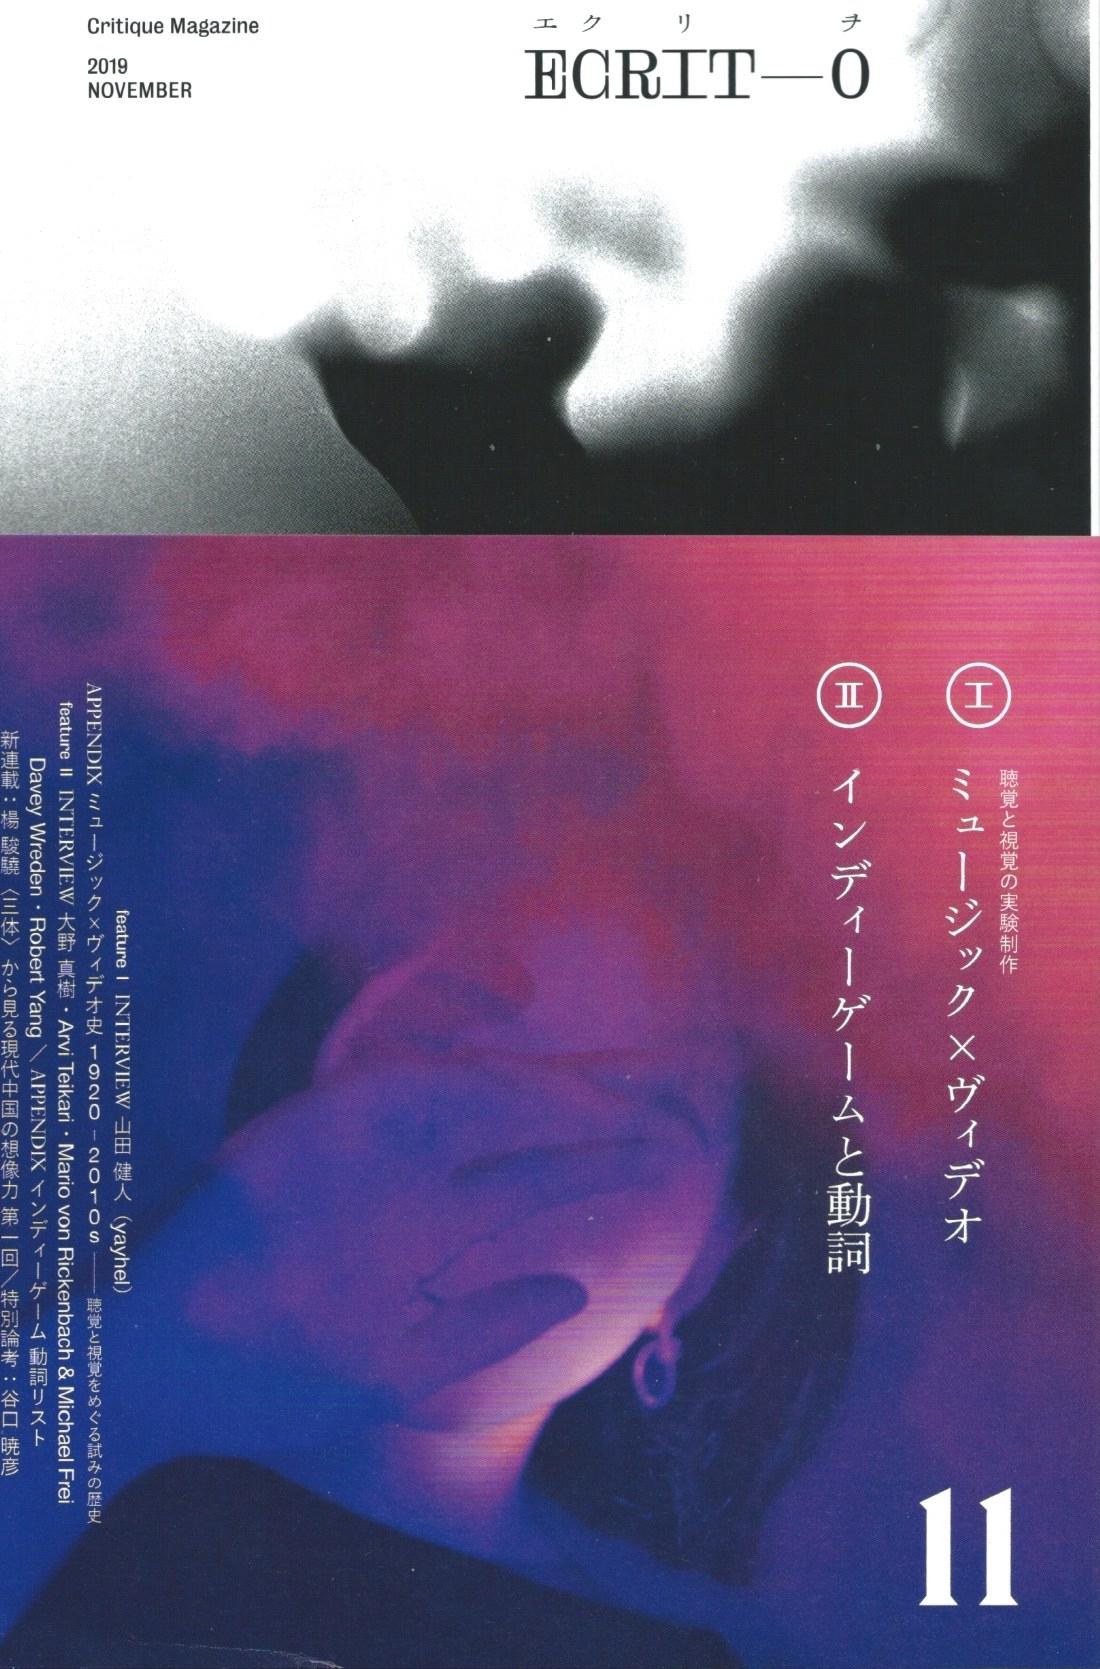 ヱクリヲ Vol.11 特集「ミュージック×ヴィデオ」「インディーゲームと動詞」